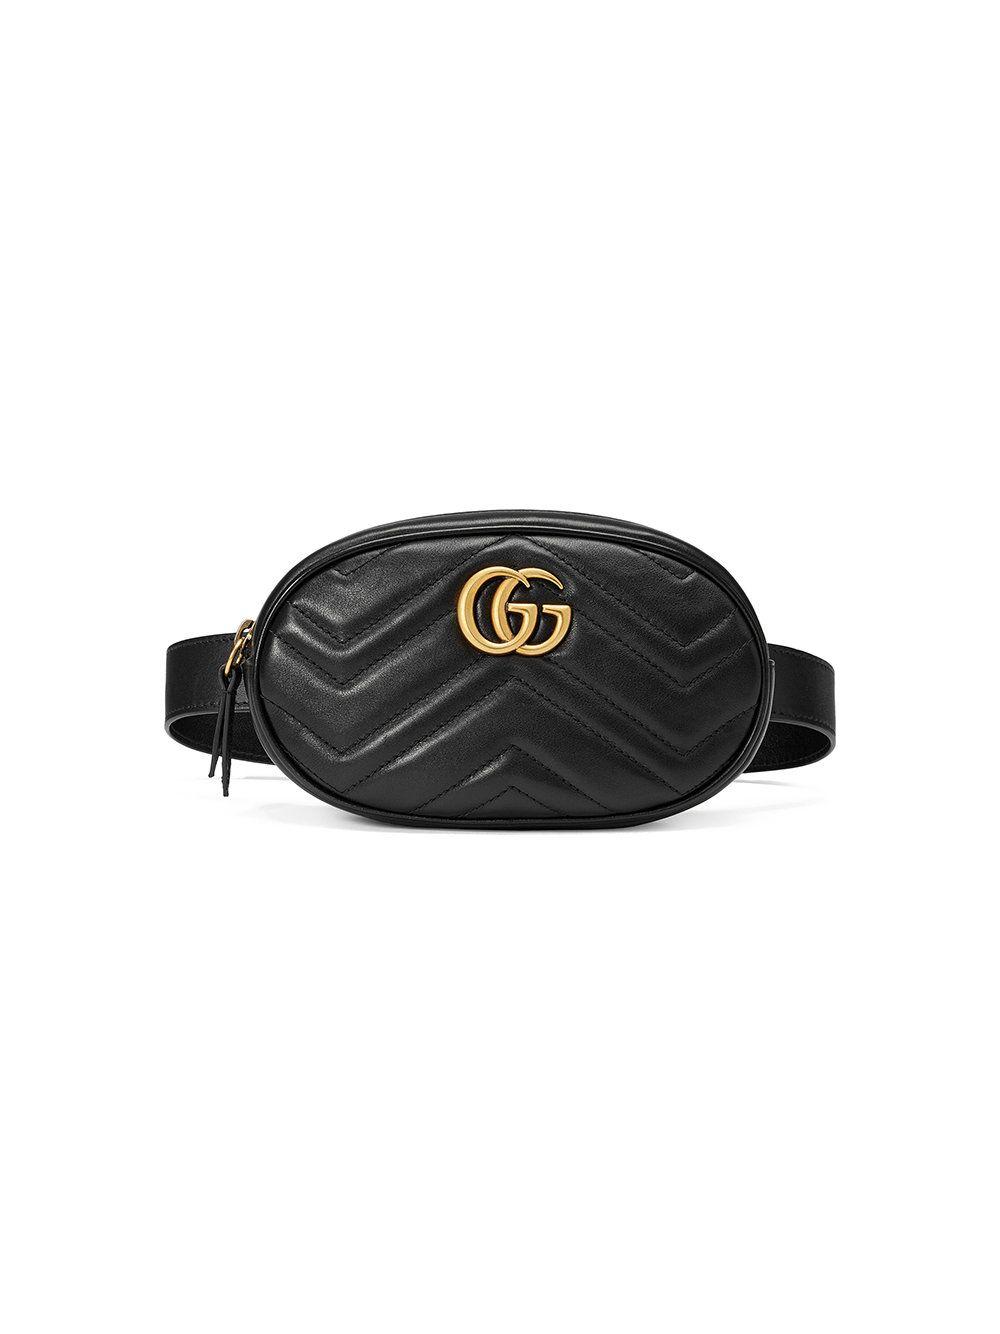 Gucci GG Marmont matelassé belt bag  25c5ccc7c81